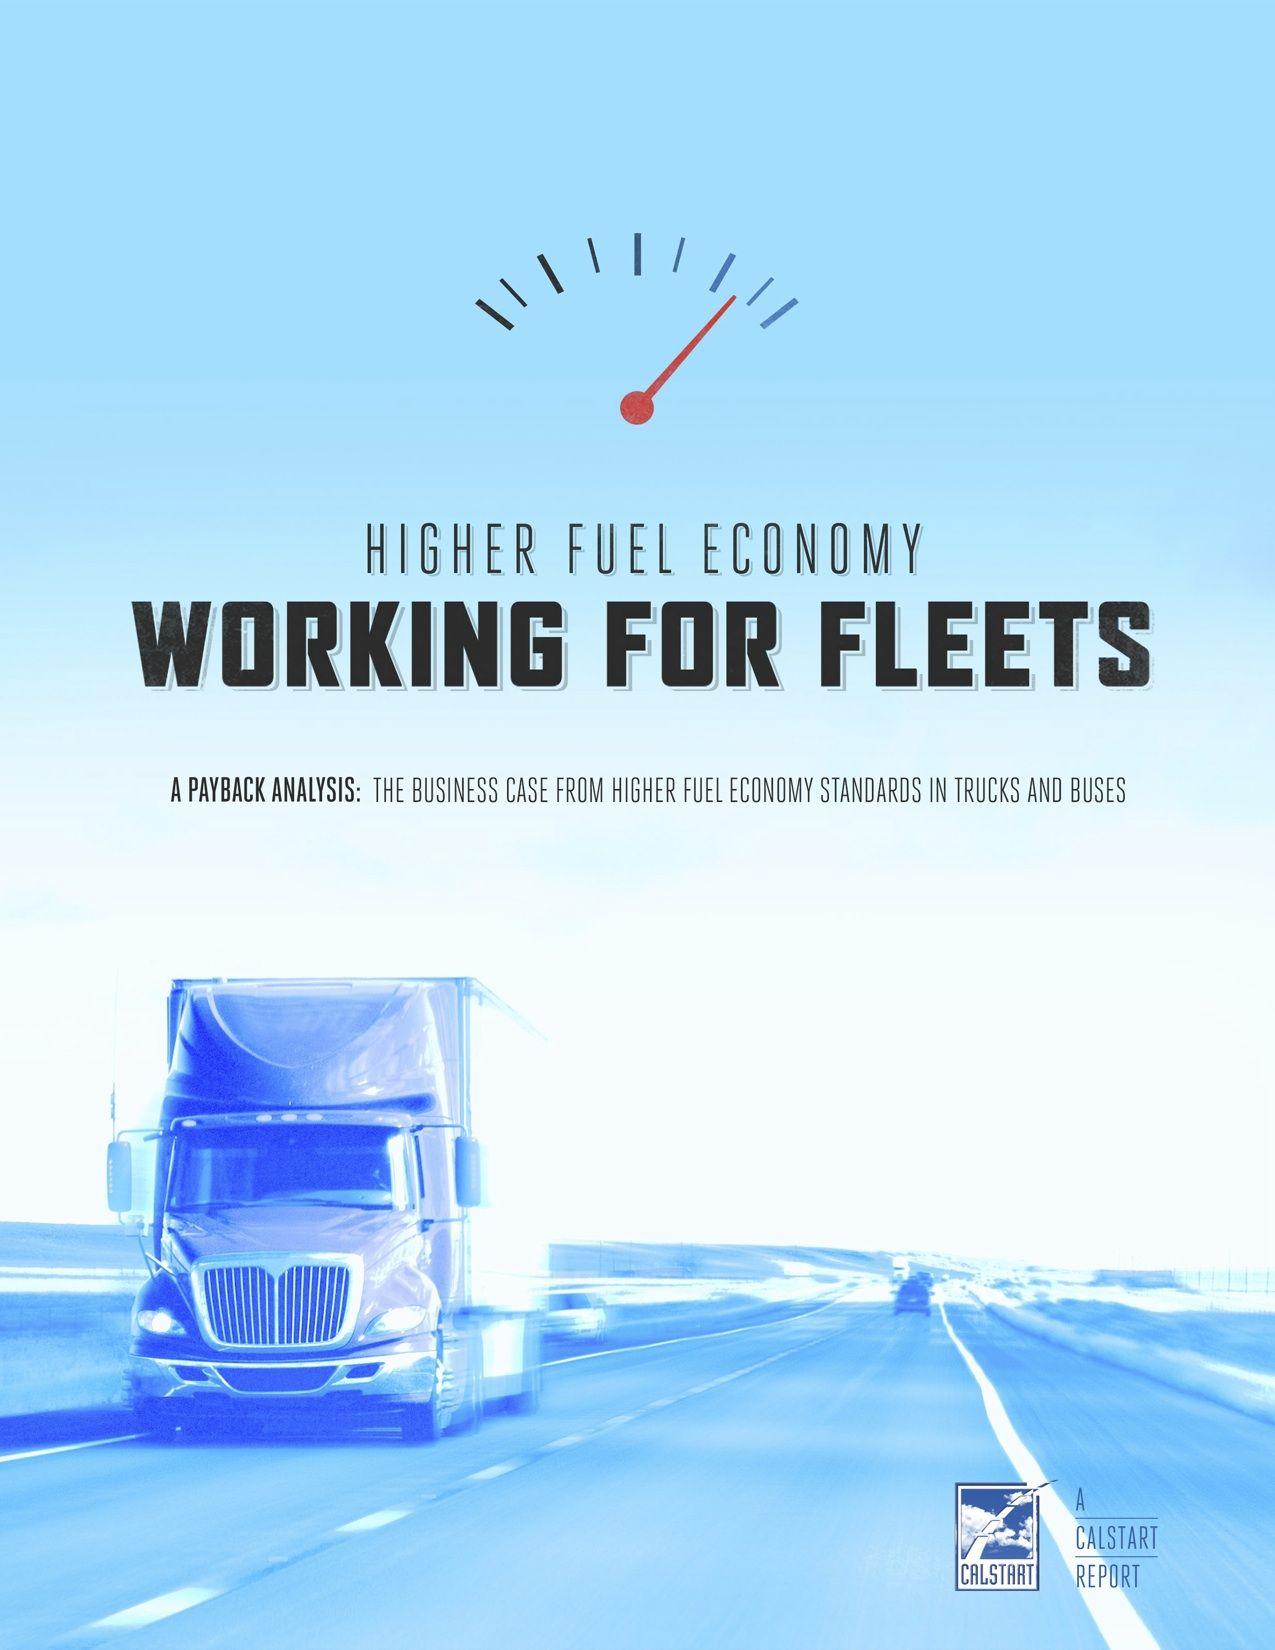 Truck Fleets Support Higher Fuel Efficiency Standards